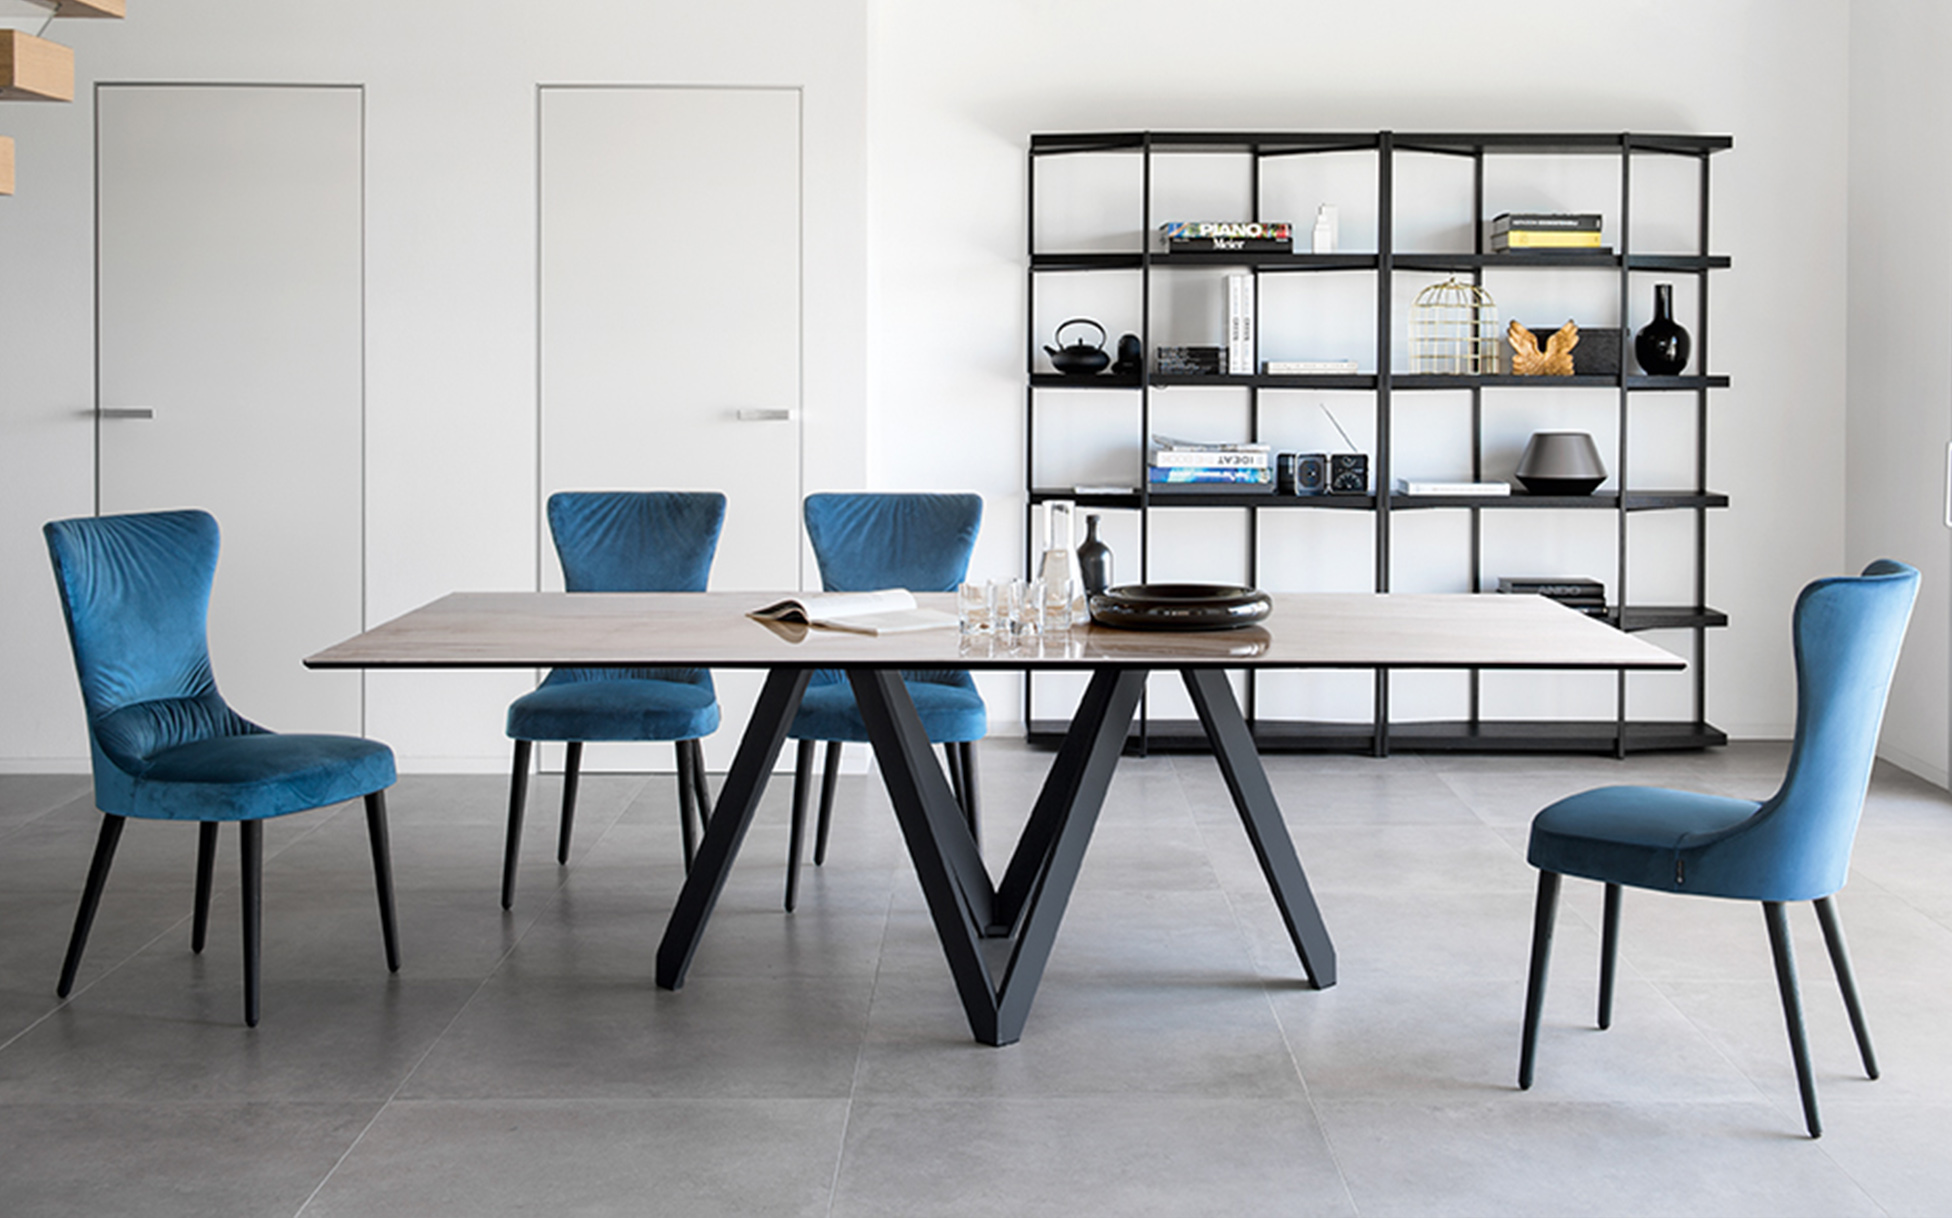 Jedálenské talianske stoly luxusné, moderné, dizajnové - masívne, sklenené, rozťahovacie, biele vysoký lesk